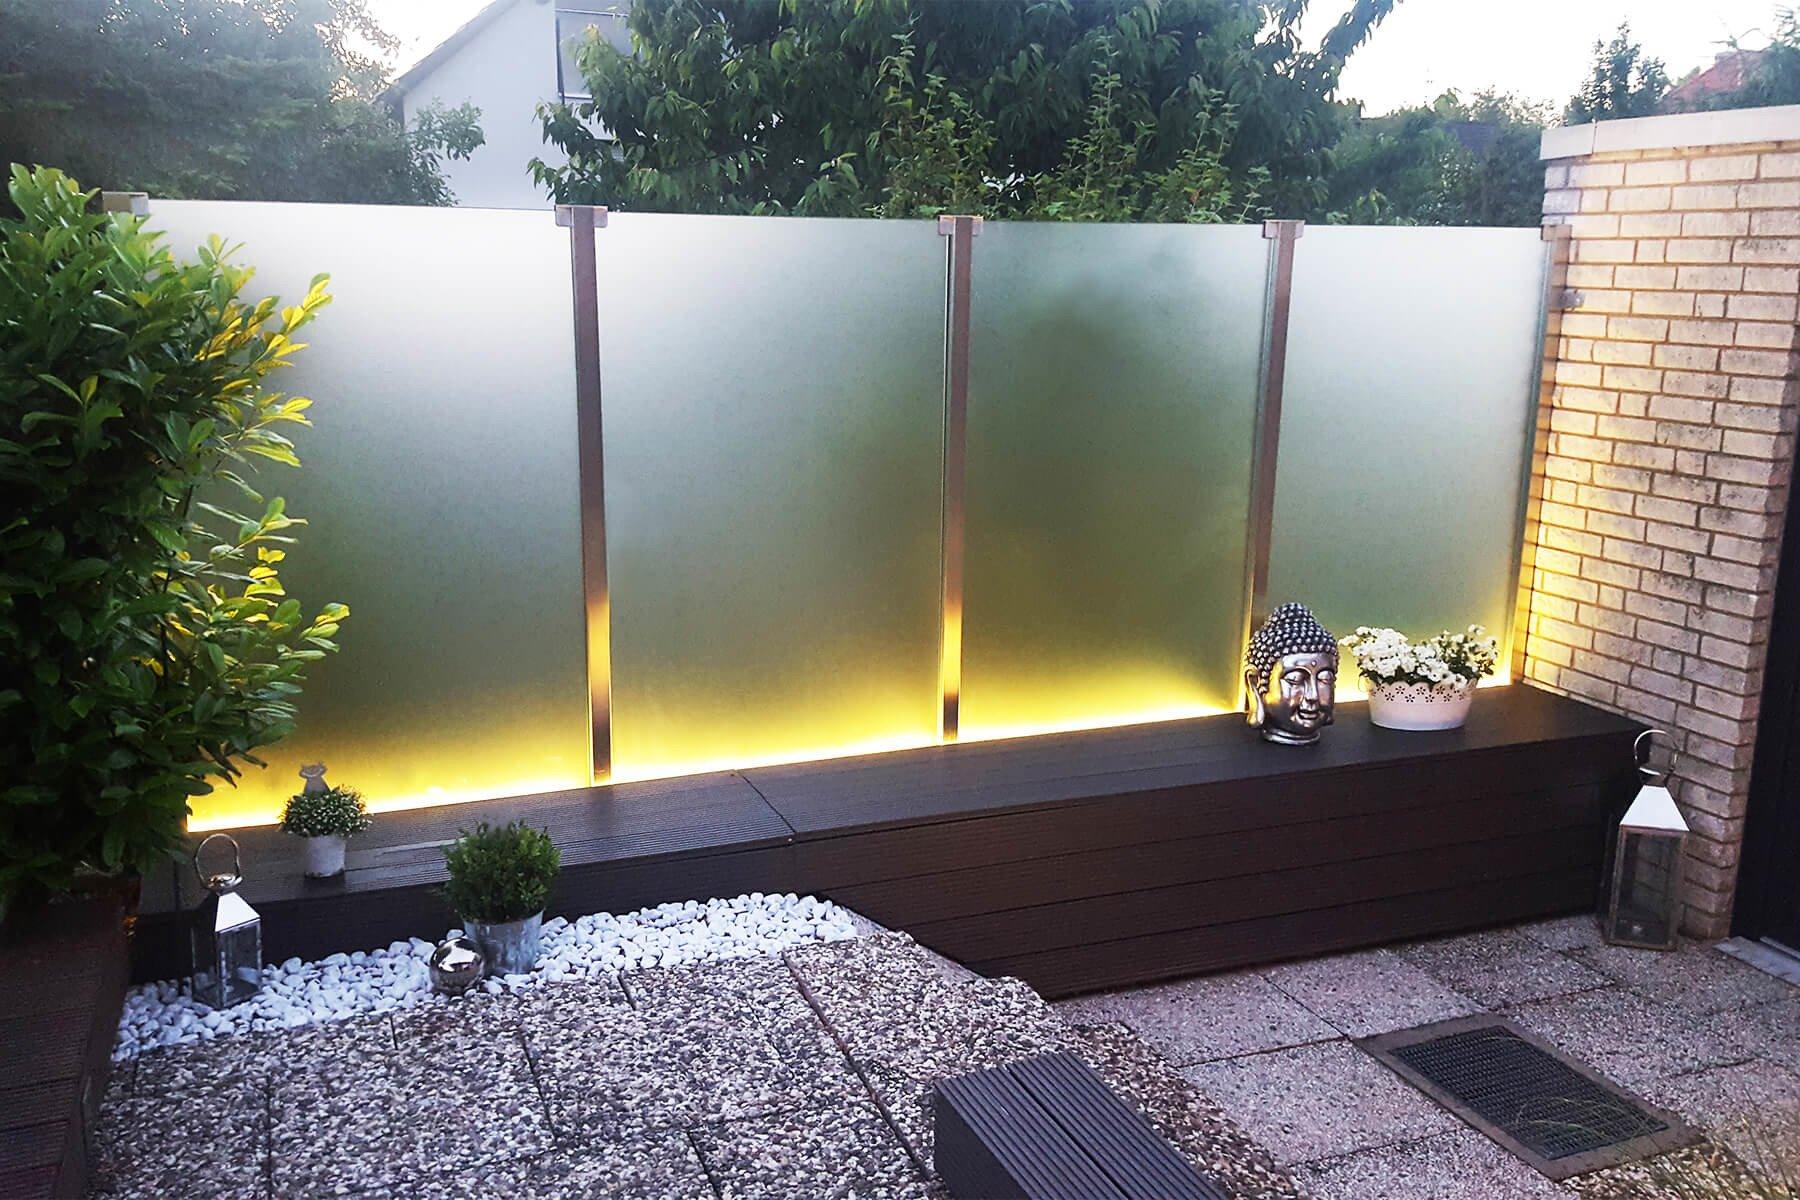 glaszaunsystem-mit-beleuchtung-aus-satiniertem-glas- als-elegante-loesung-fuer-mehr-privatsphaere-auf-dem-balkon-oder- der-terrasse